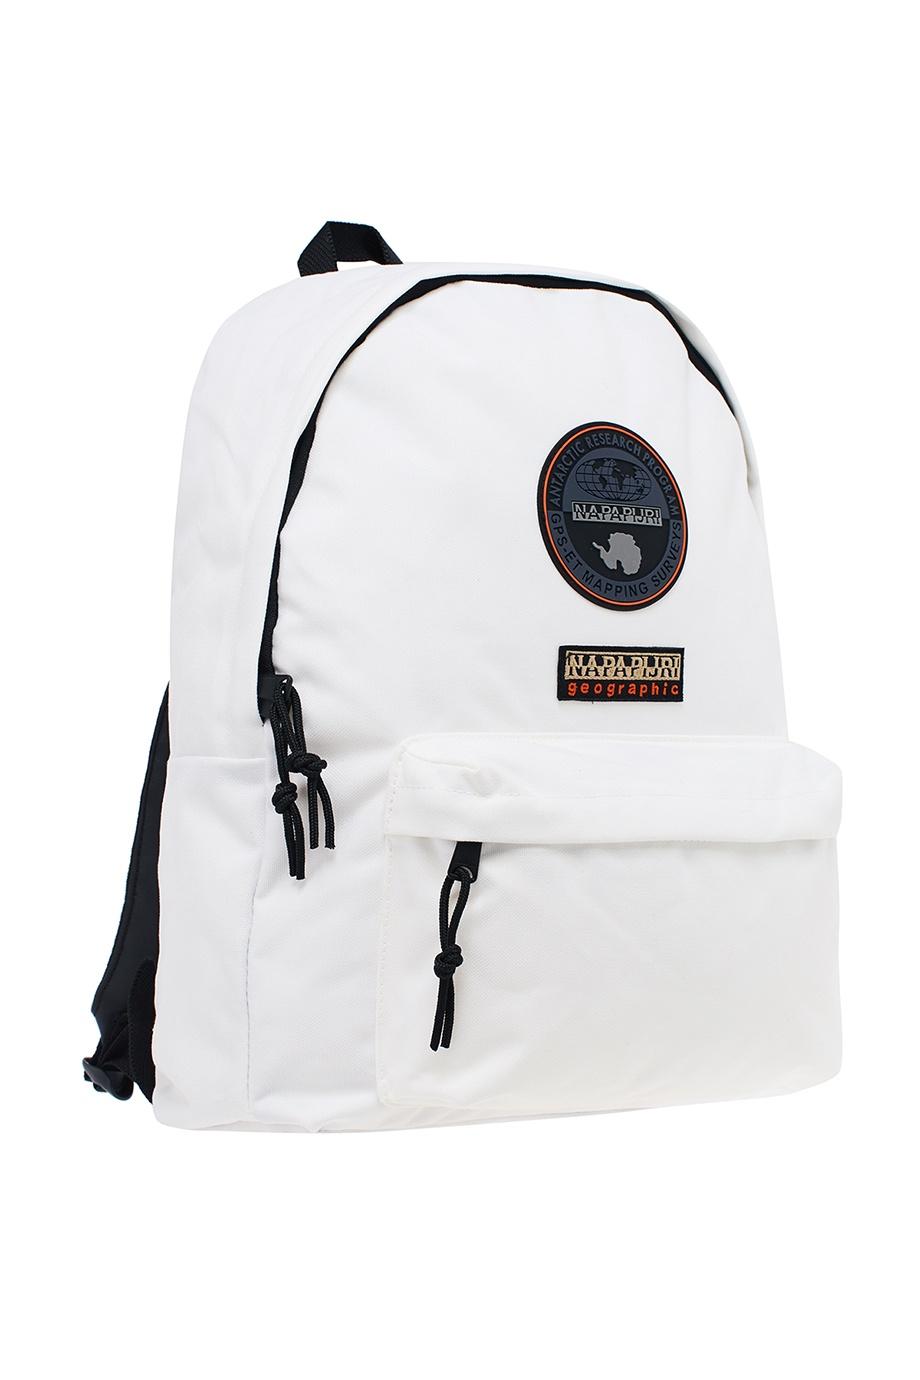 efaf535901d0 Белый текстильный рюкзак Napapijri – купить в интернет-магазине в Москве